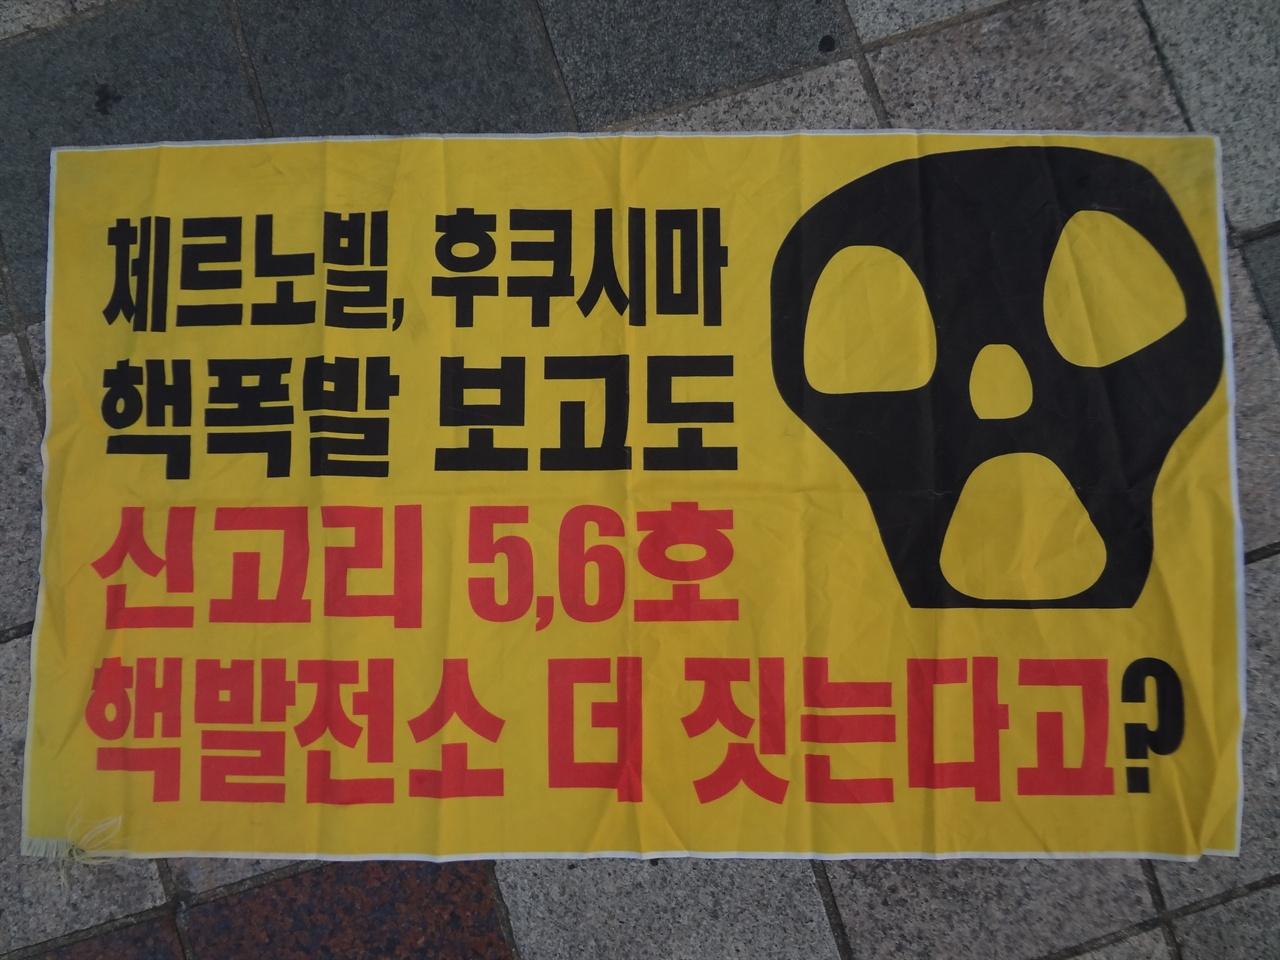 체르노빌, 후쿠시마 핵폭발 보고도 신고리 5,6호 핵발전소 더 짓는다고? <탈핵울산시민대회>종료되고 난 뒤에 우연히 발견된 플랫카드